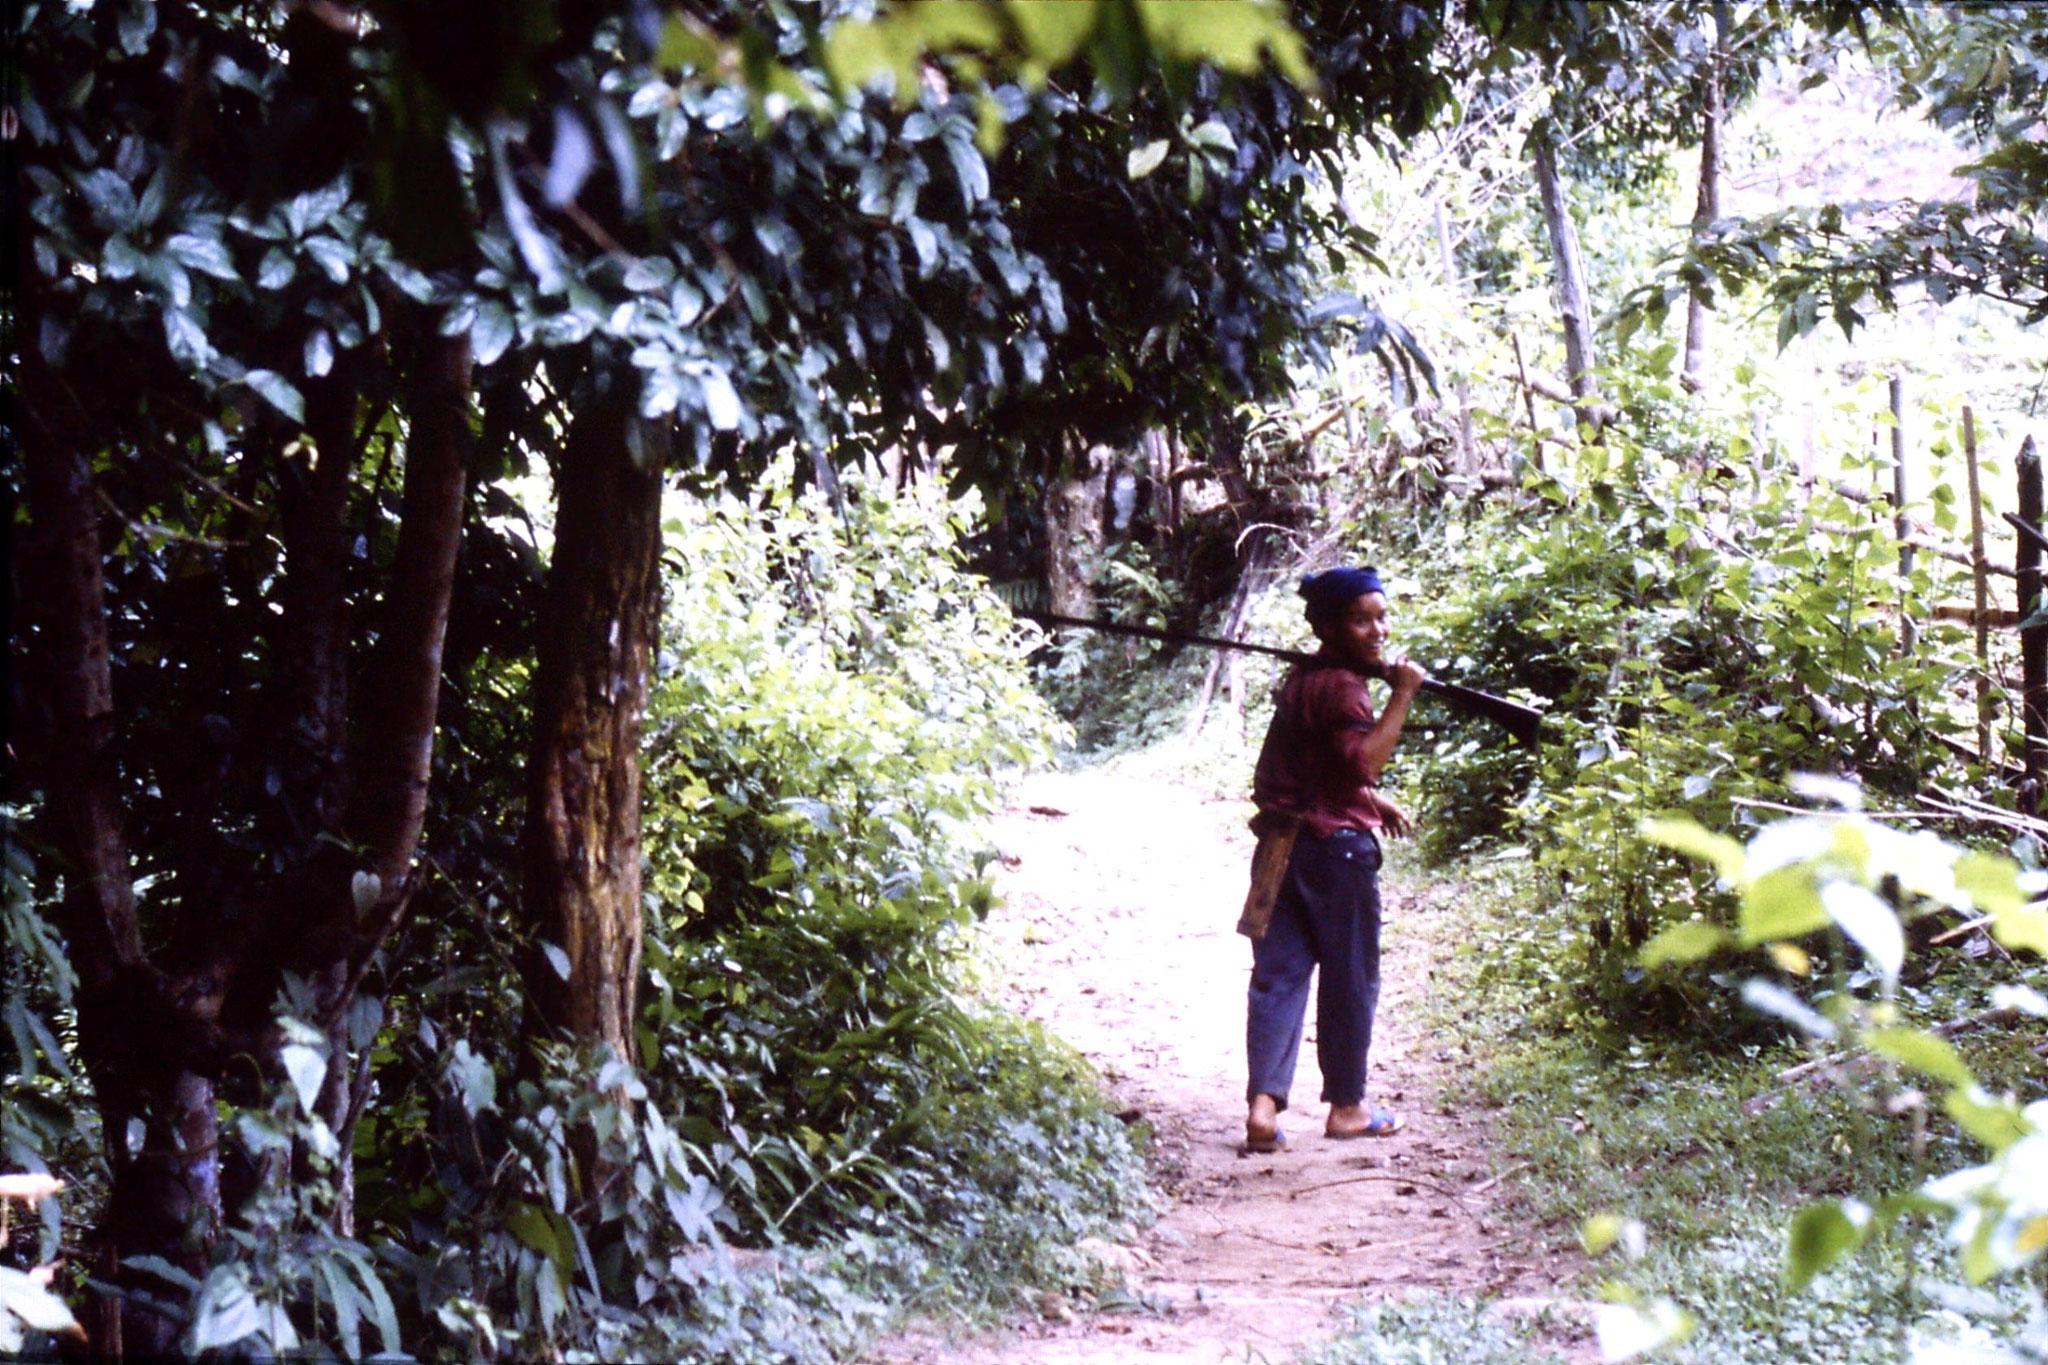 12/6/1990: 12: Trek - Mae Mi village (Karen)